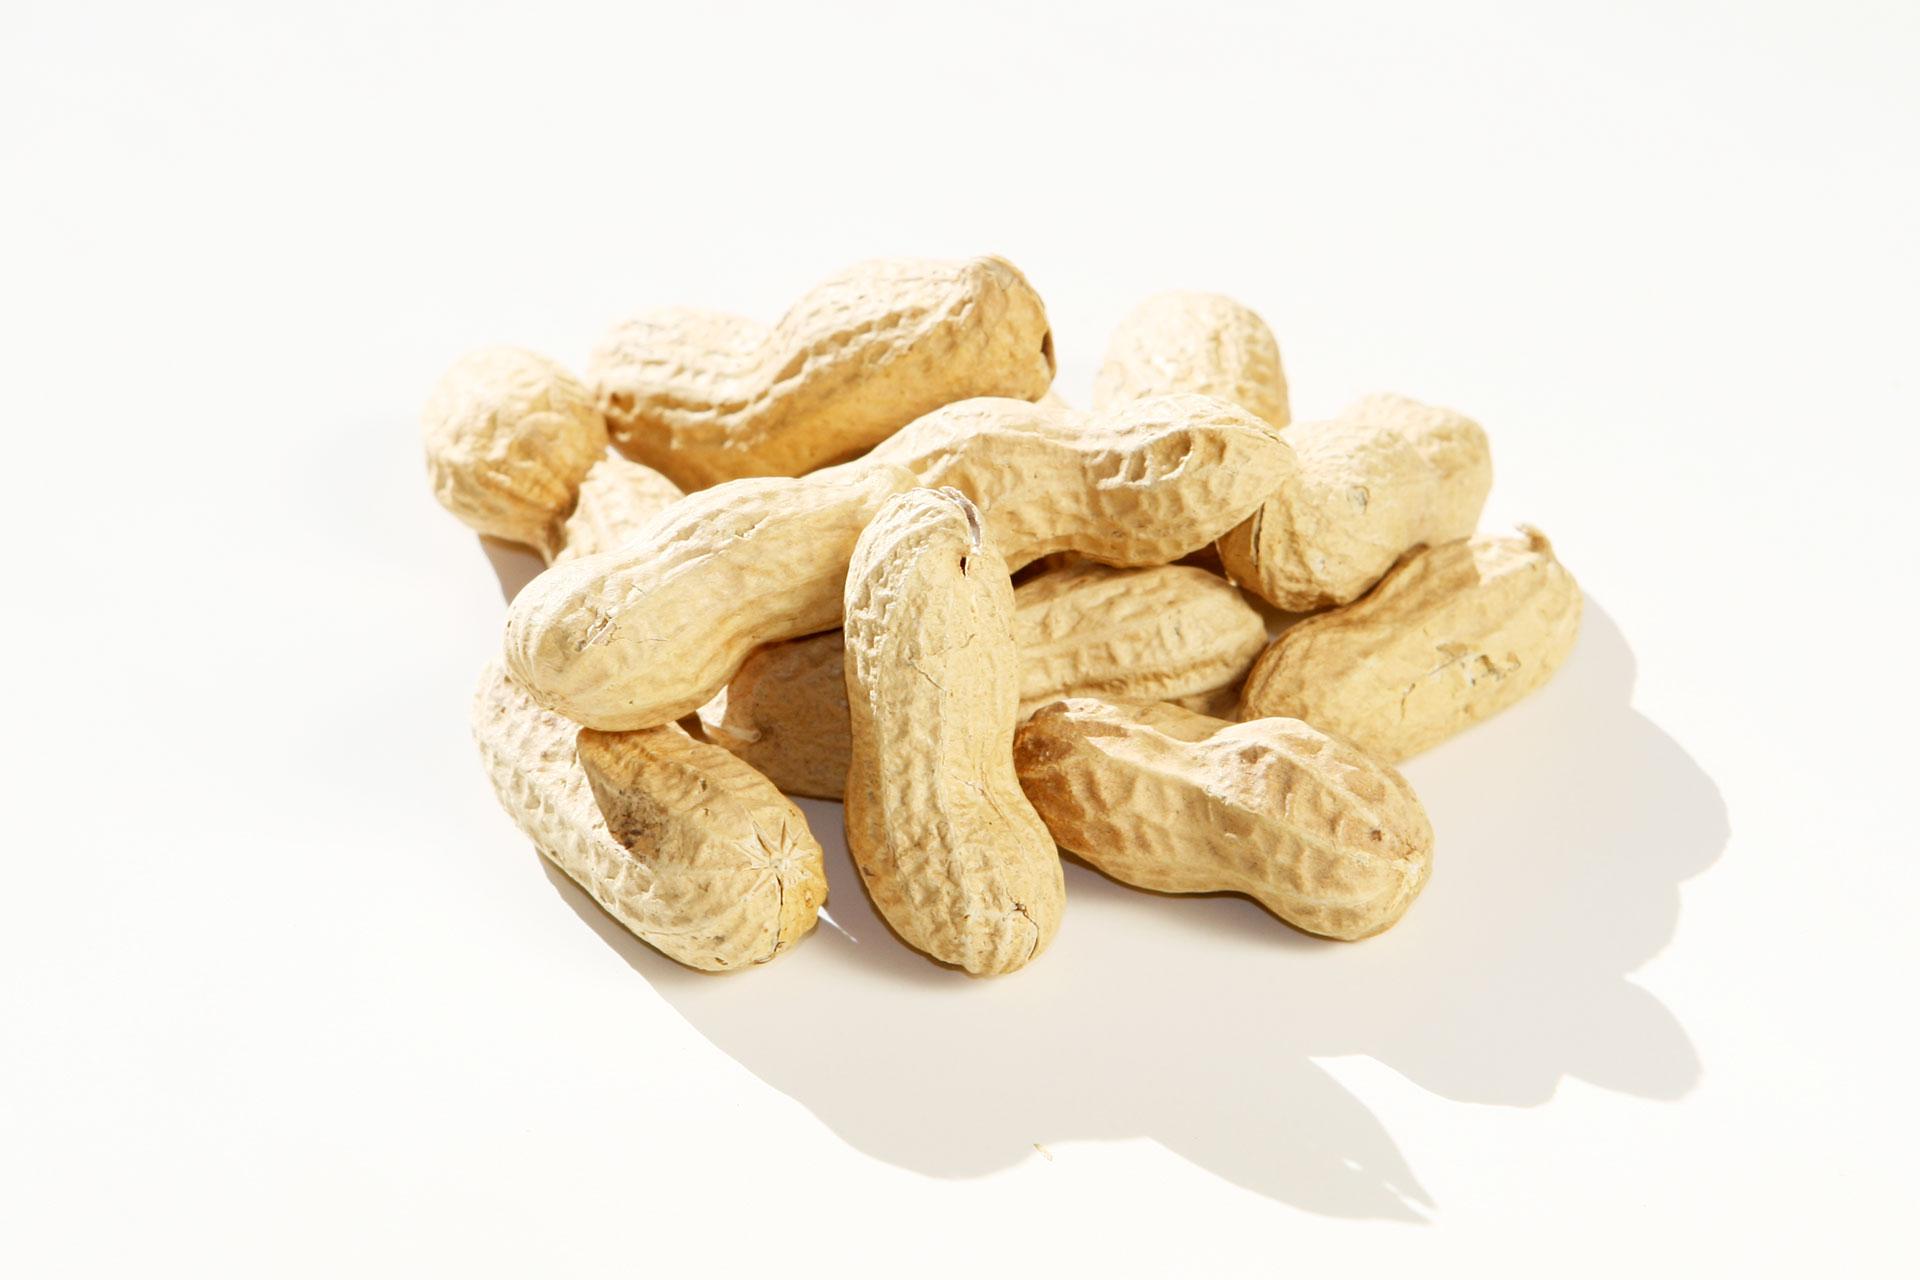 Jetzt gibt's was auf die Nüsse – Gesunde knackige Schnellmacher / Erdnüsse © stefandrexl.de